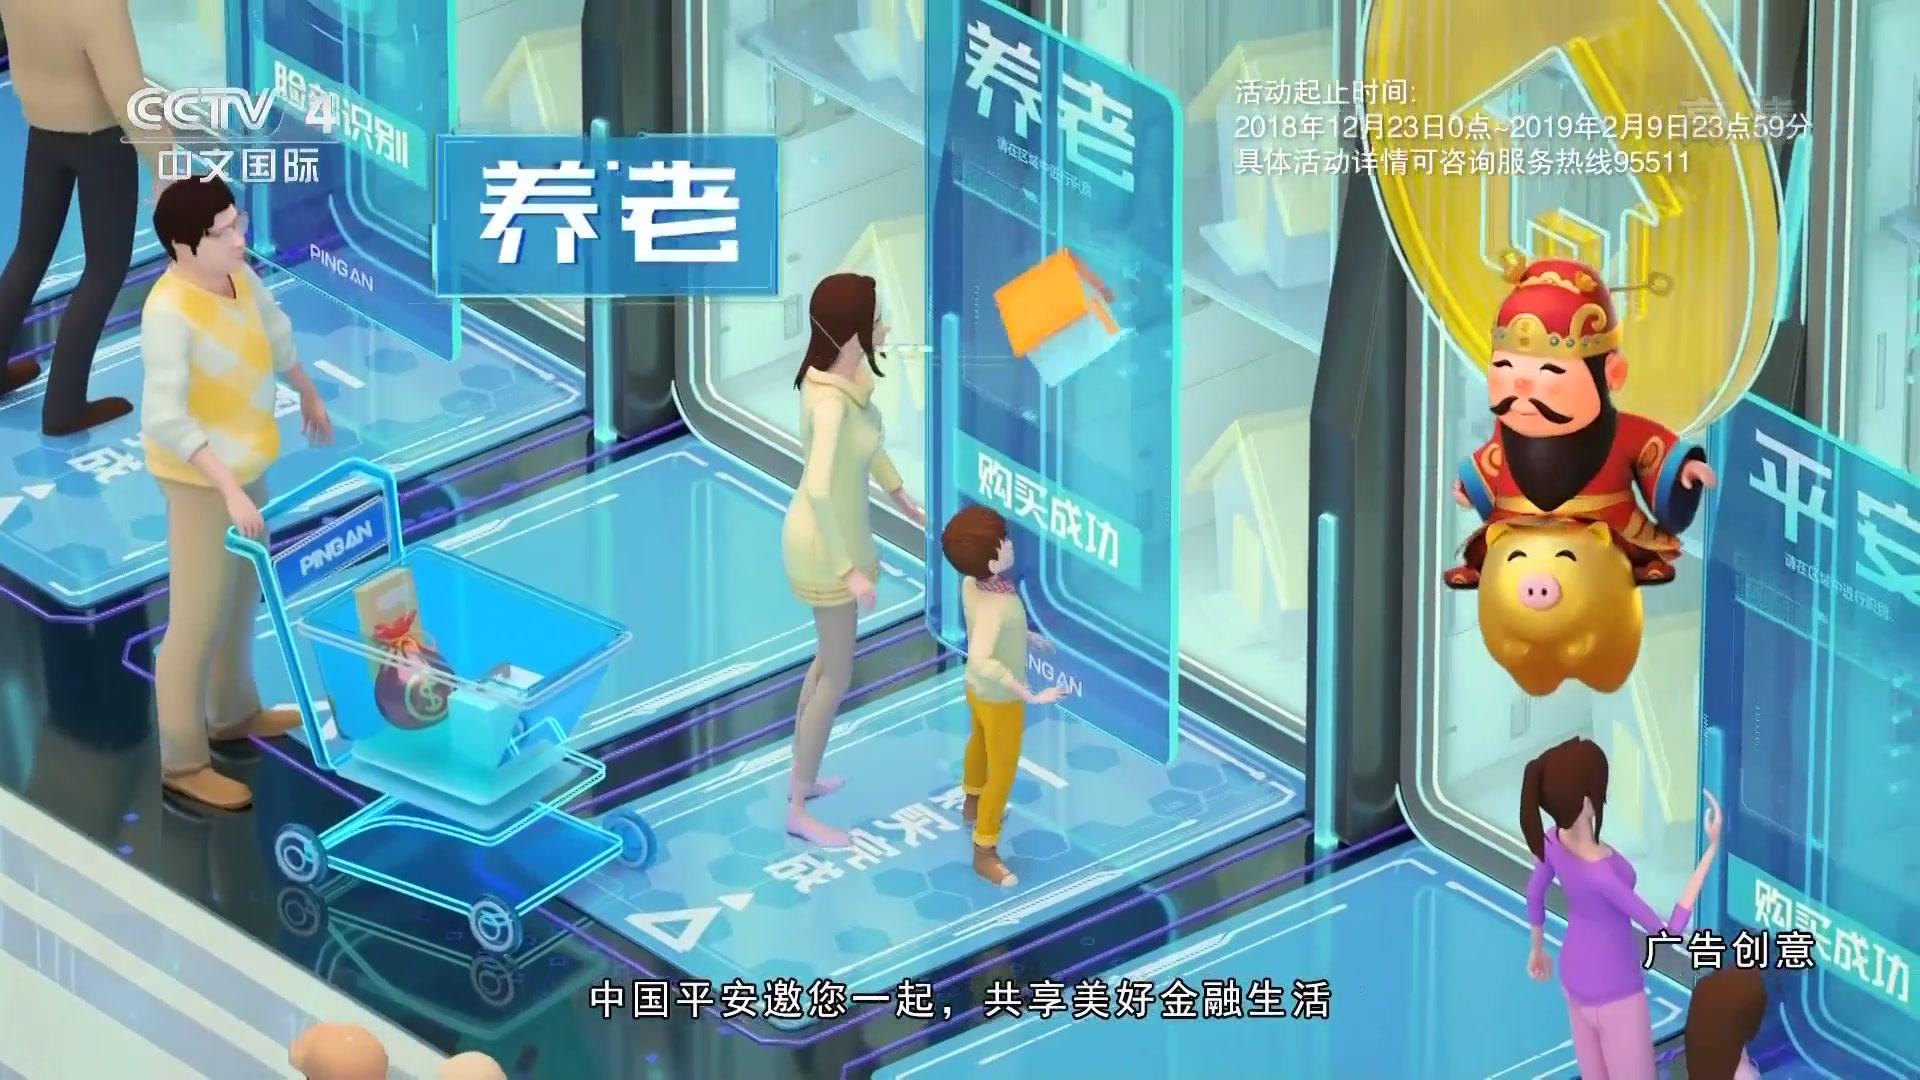 央视广告欣赏-中国平安